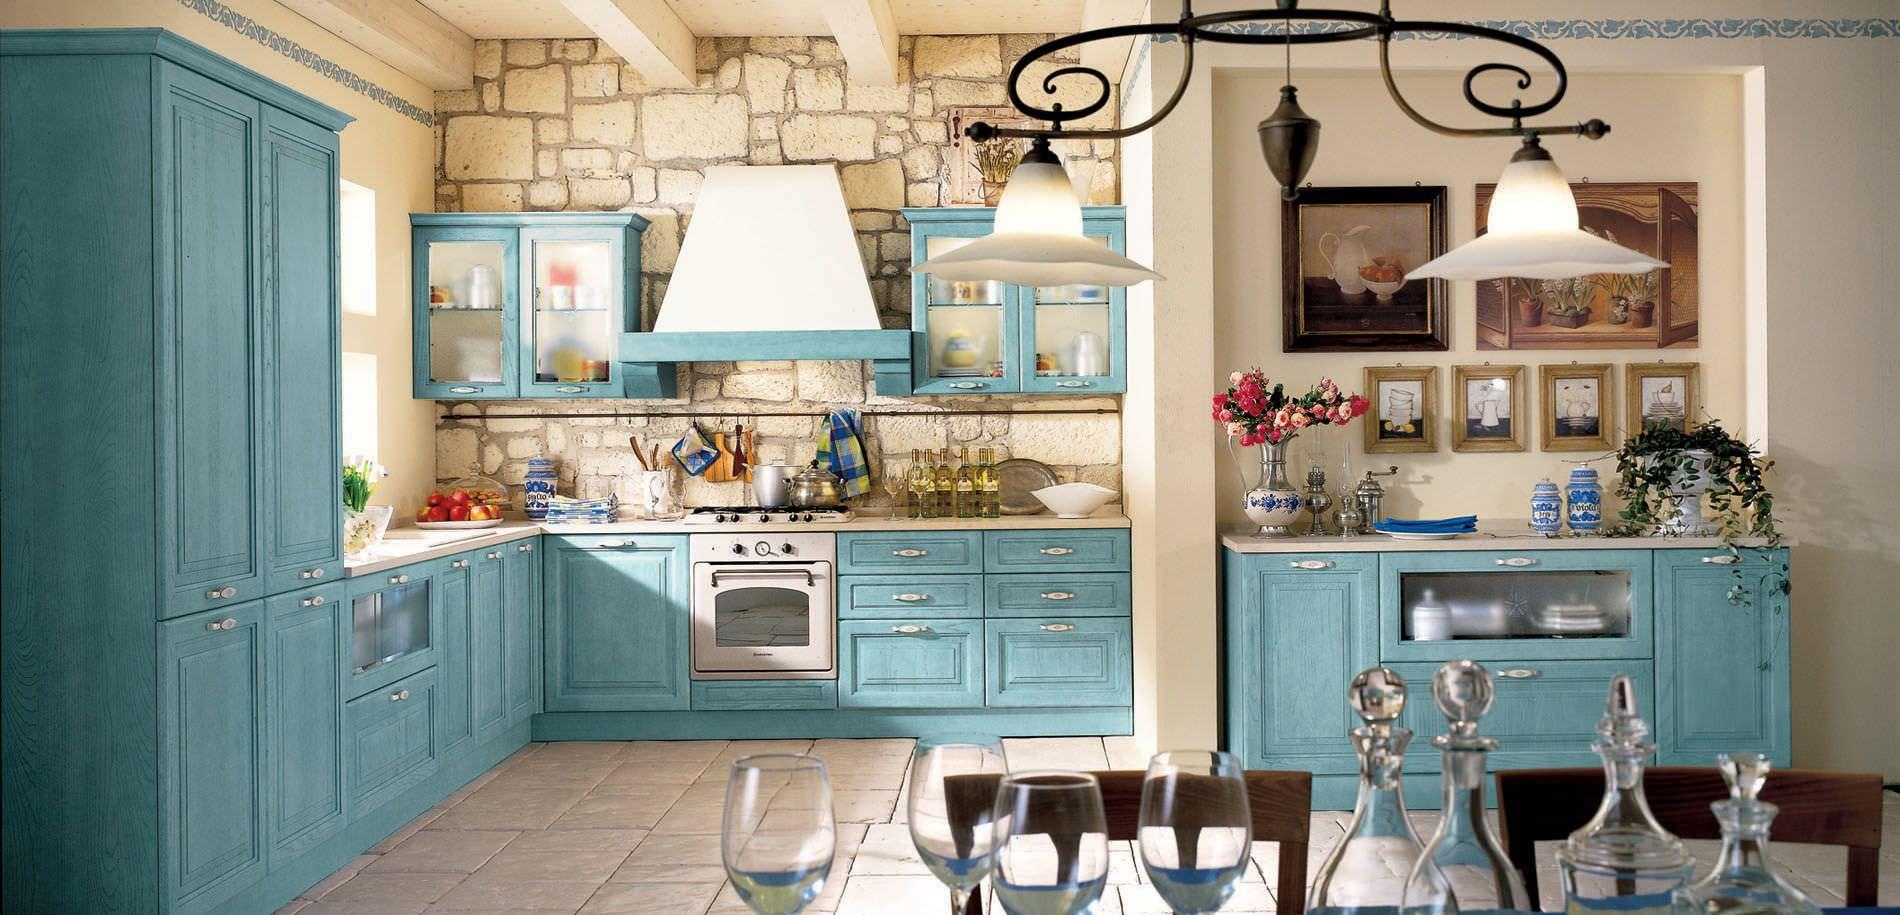 Маленькая кухня в стиле прованс - 40 шикарных фото